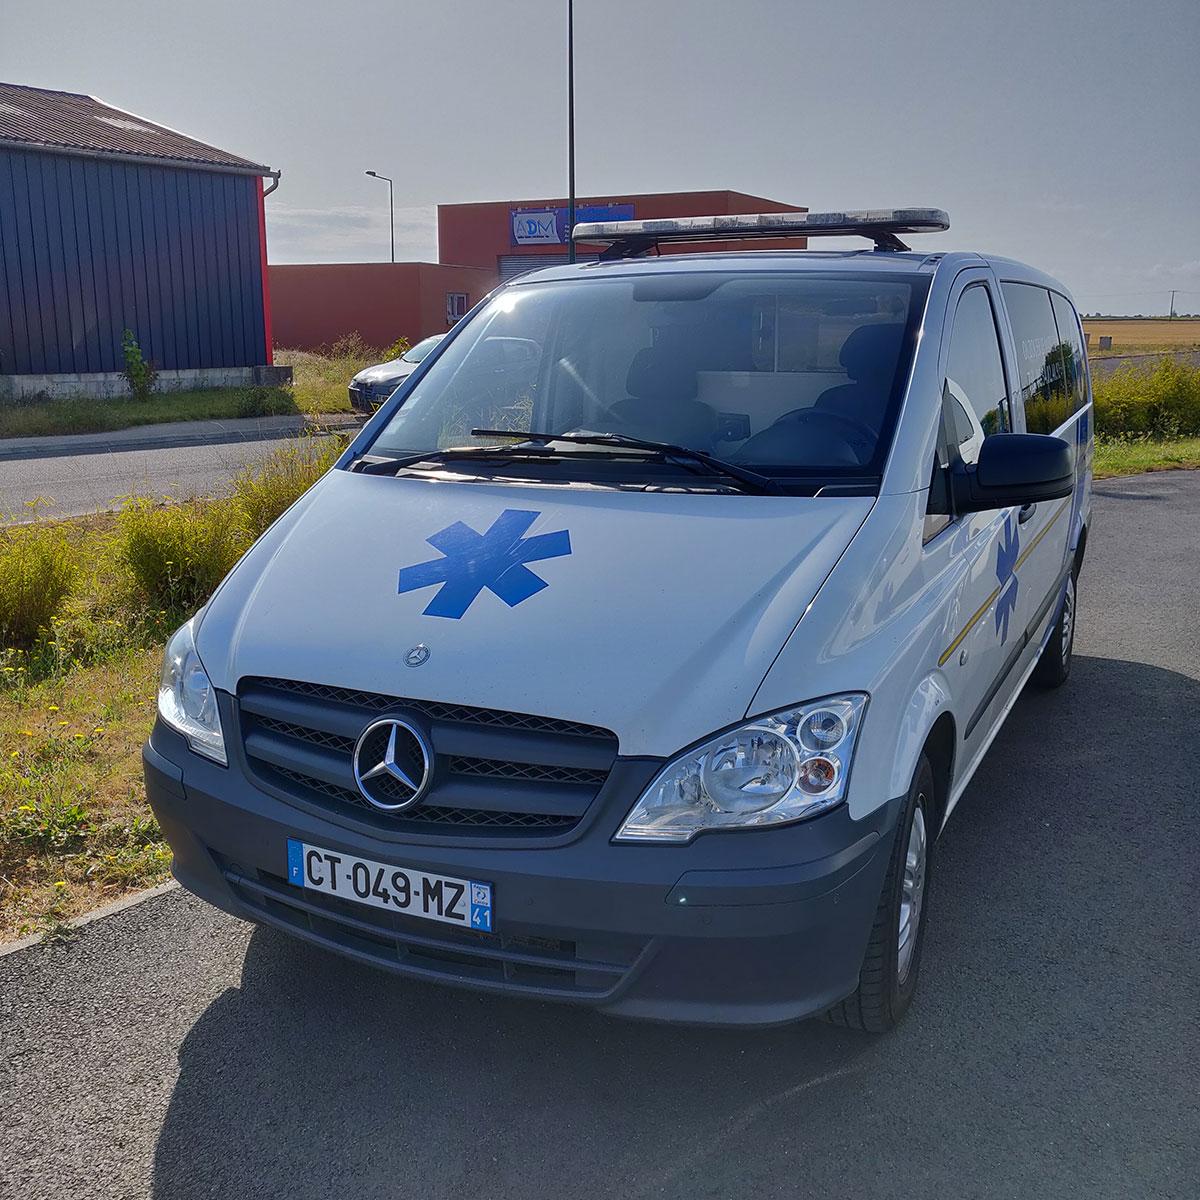 Véhicule ambulance des Ambulances Rozat dans le Loir-et-Cher